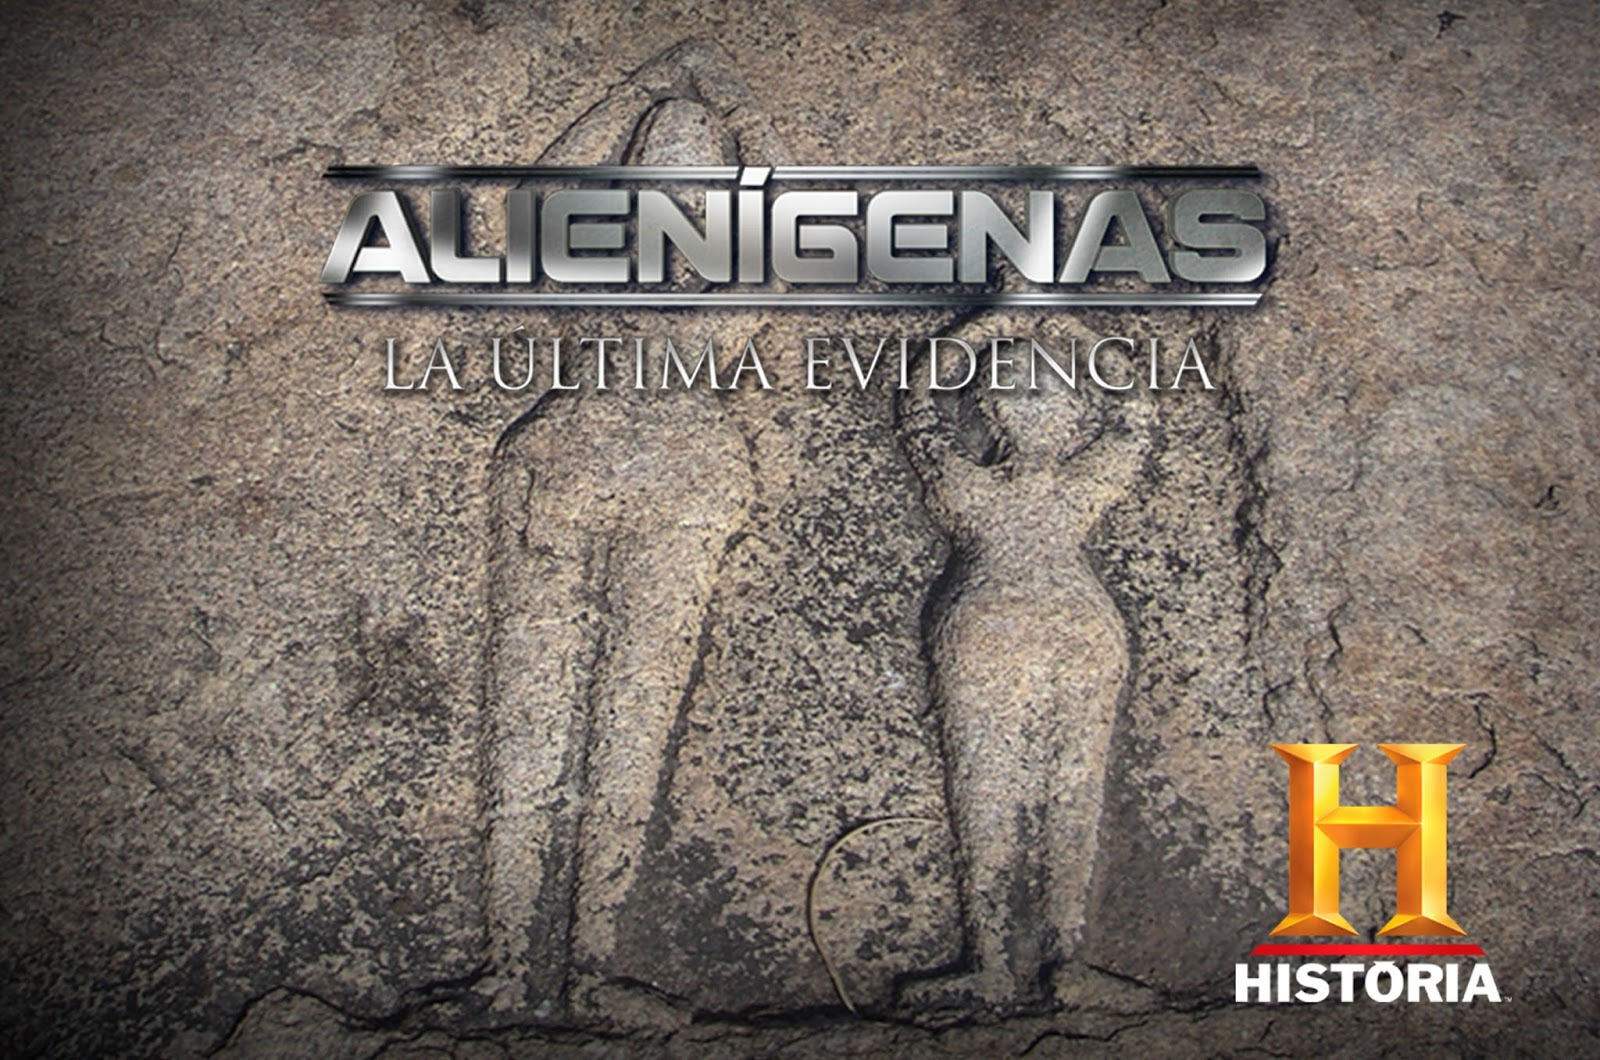 Alienígenas: la ultima evidencia 1x03 Espa&ntildeol Disponible